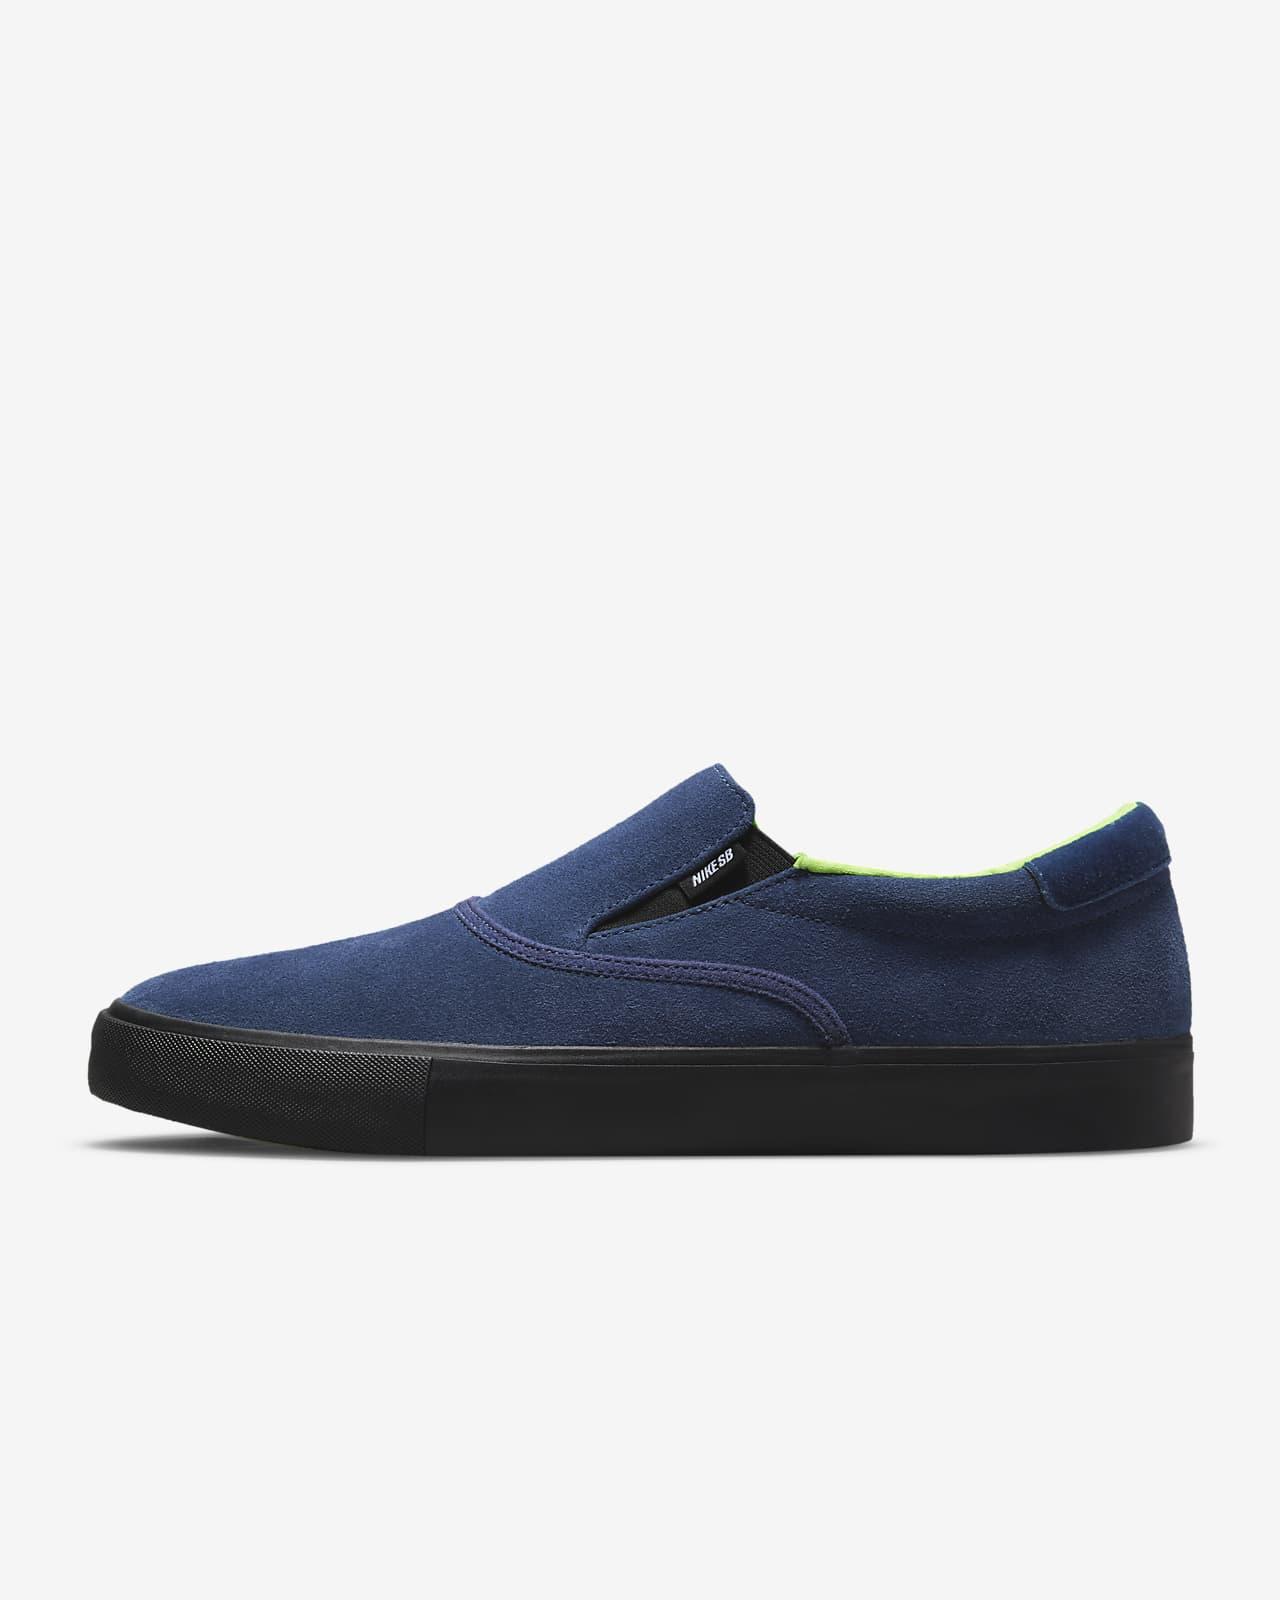 Nike SB Zoom Verona Slip x Leo Baker Skate Shoe